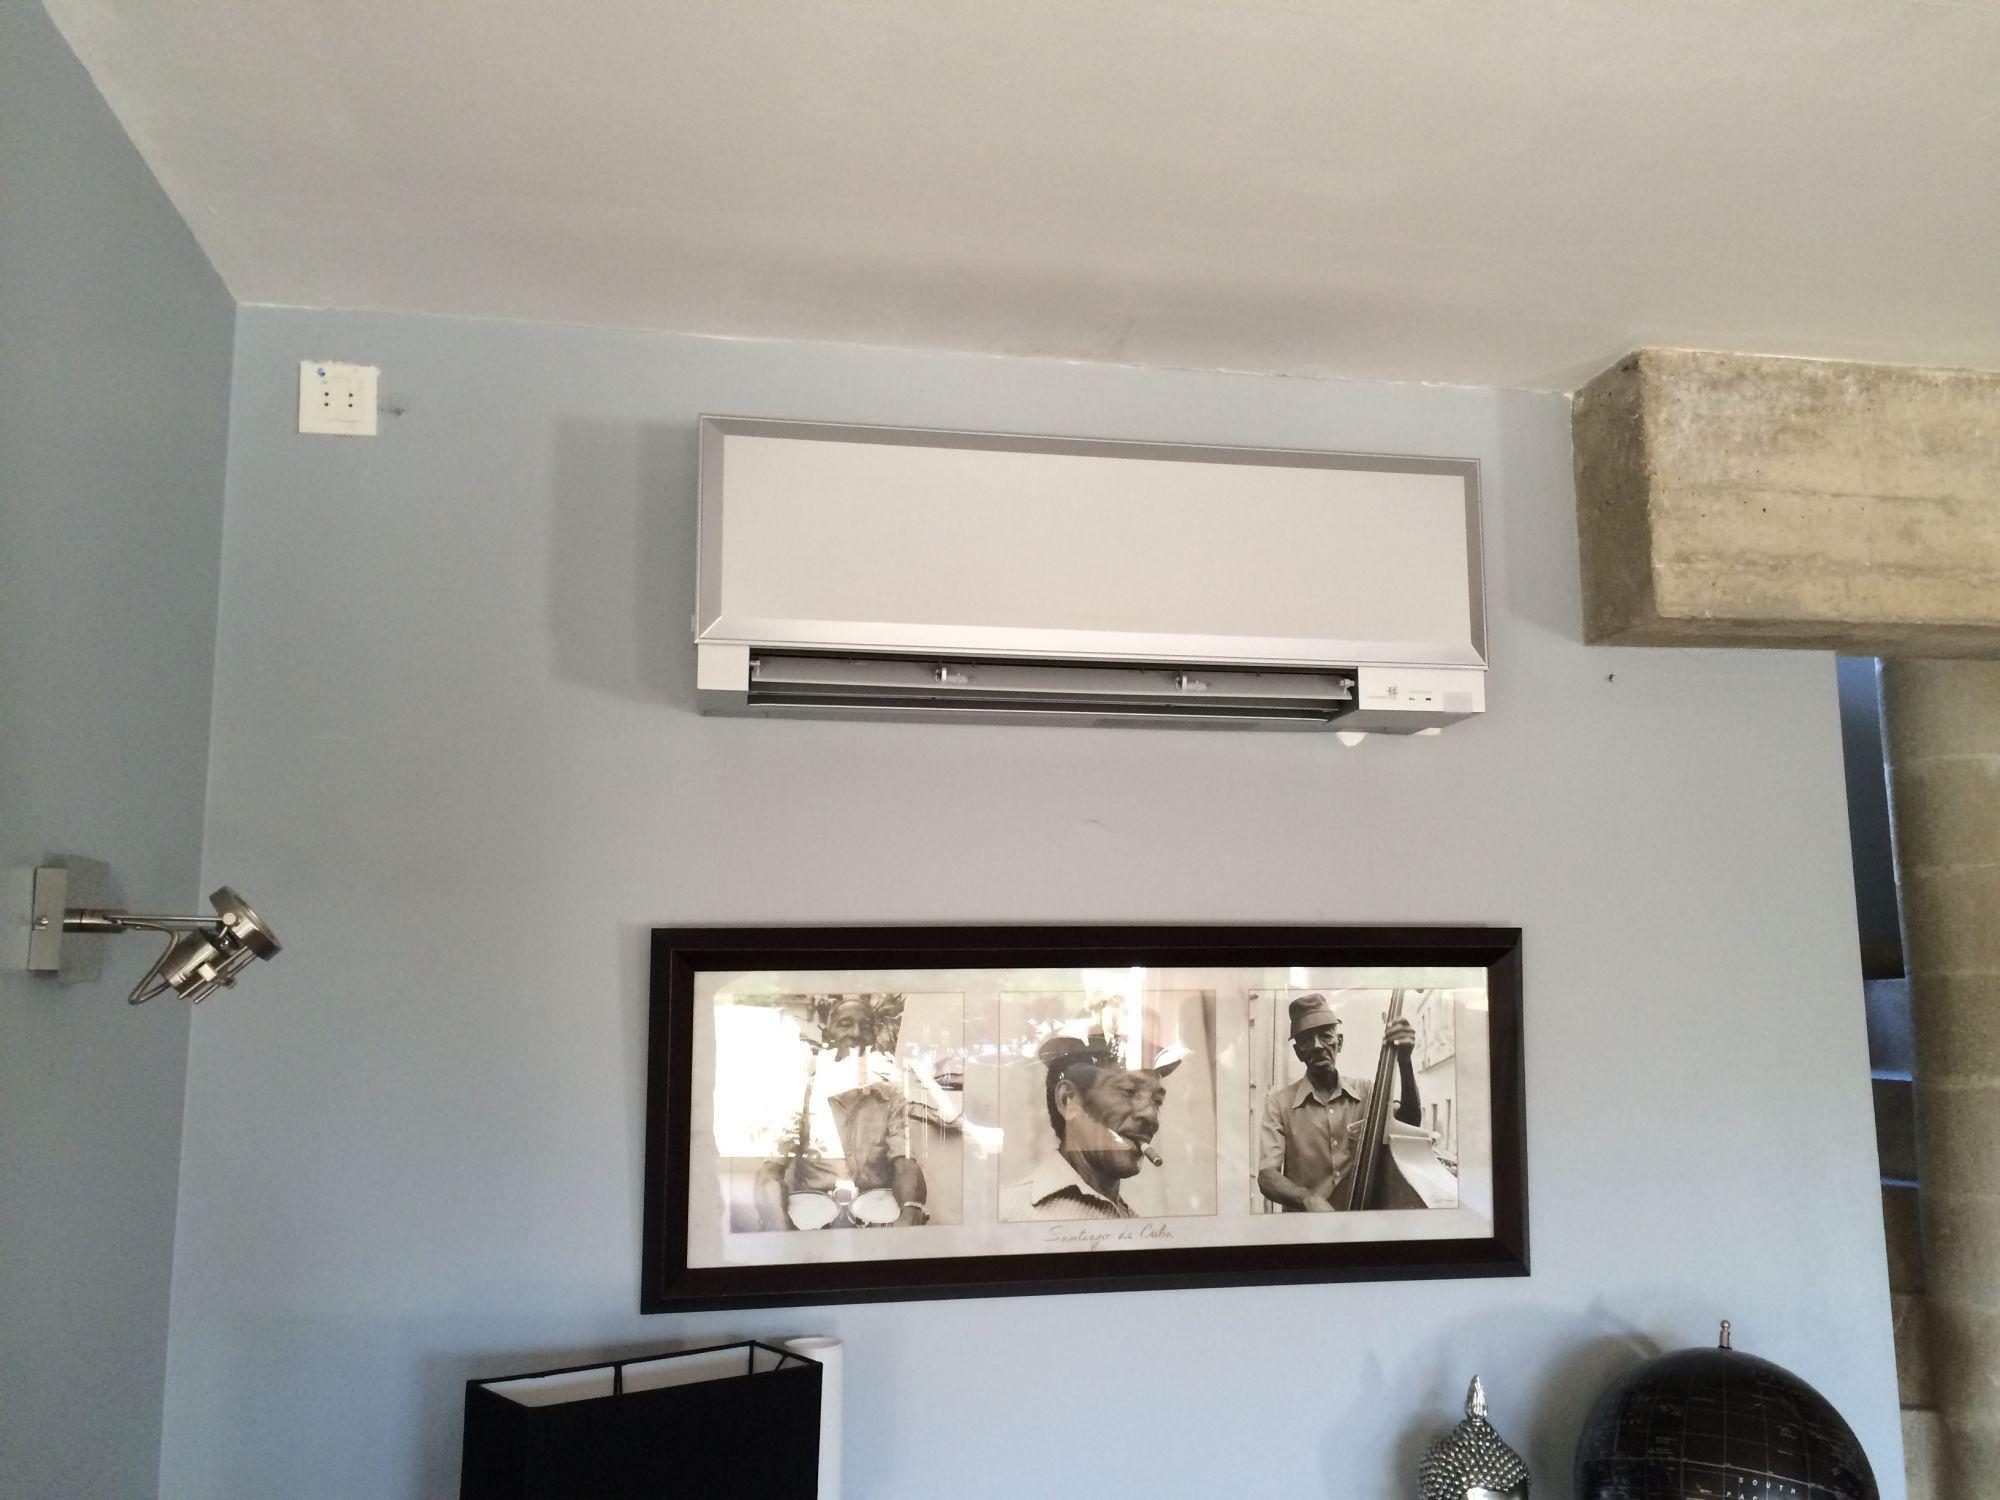 vente et raccordement d 39 une climatisation r versible dans un loft aix en provence bouches du. Black Bedroom Furniture Sets. Home Design Ideas